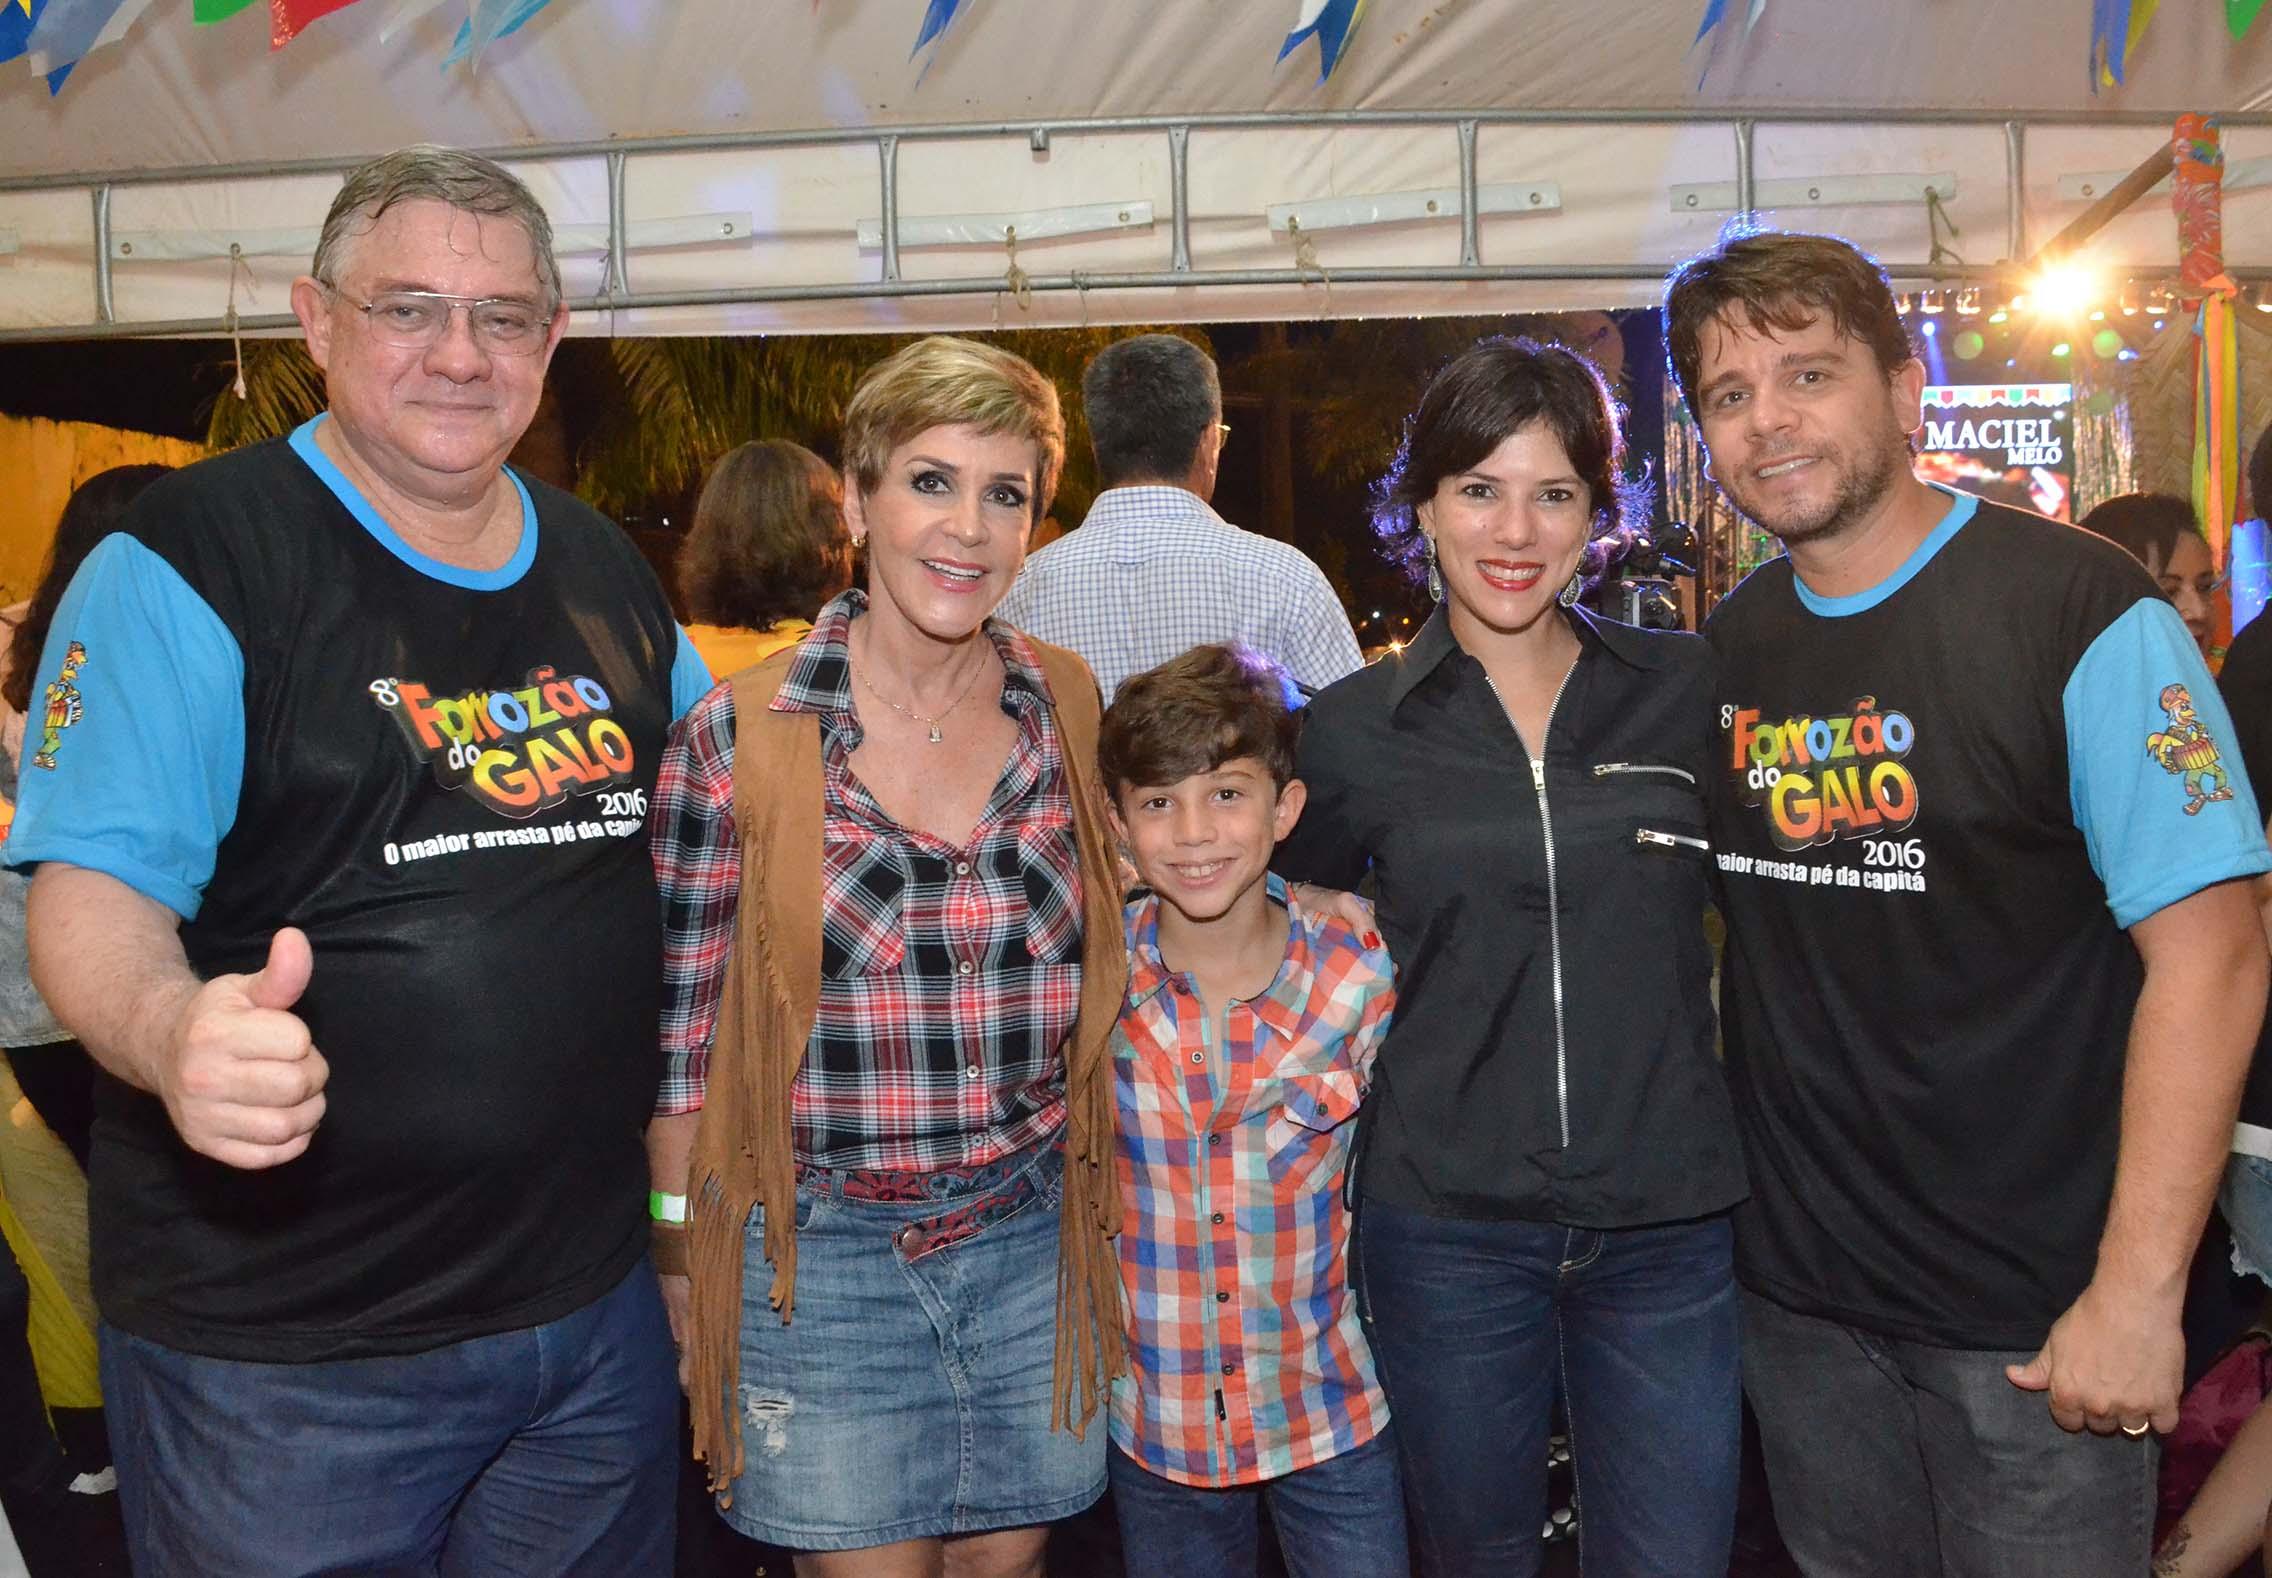 Rômulo Meneses, Ana Nery, Carla Asfora e Rodrigo Menezes com Marcelinho